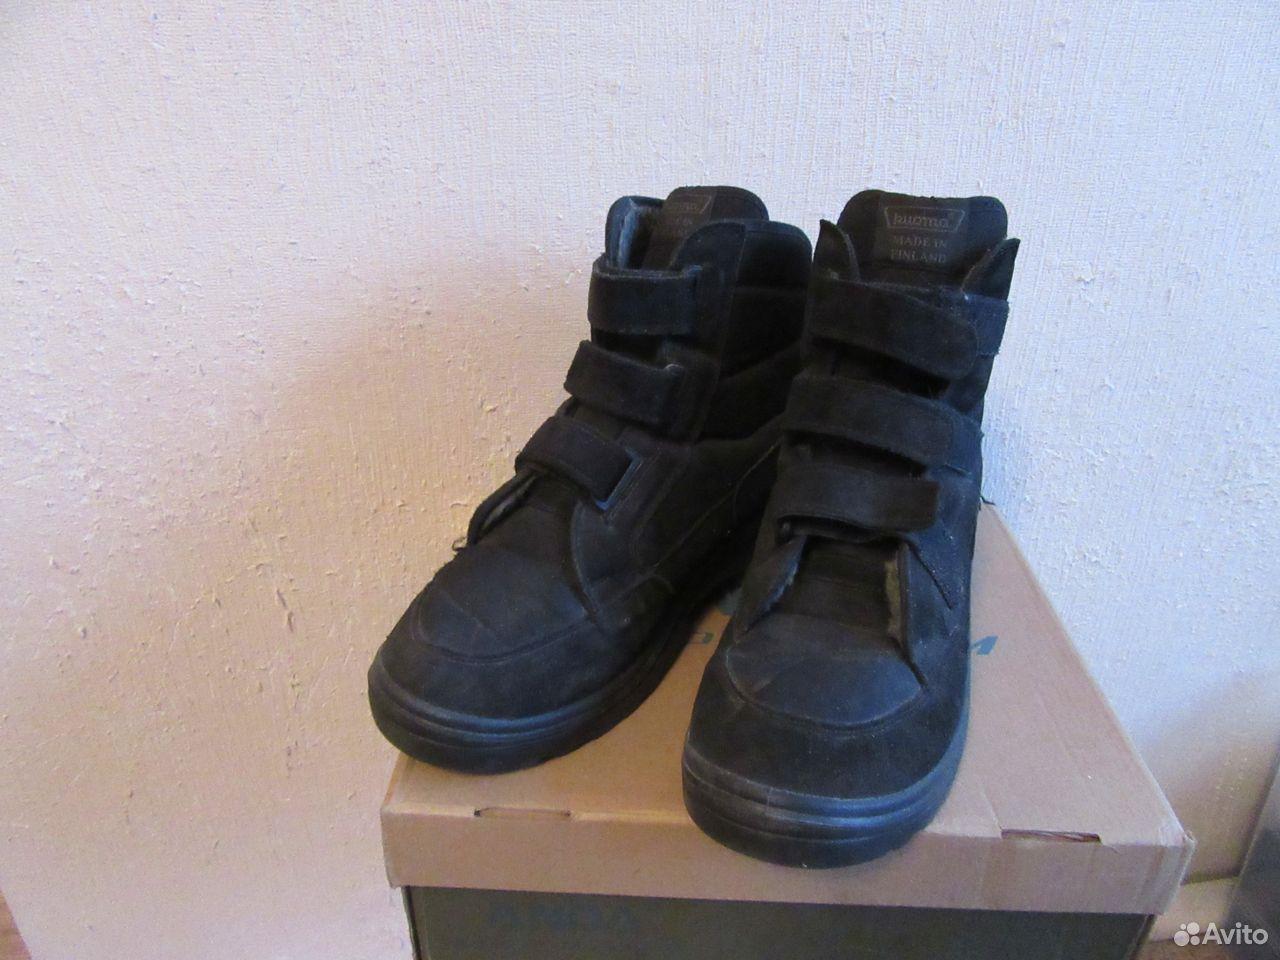 Зимние ботинки фирмы Kuoma